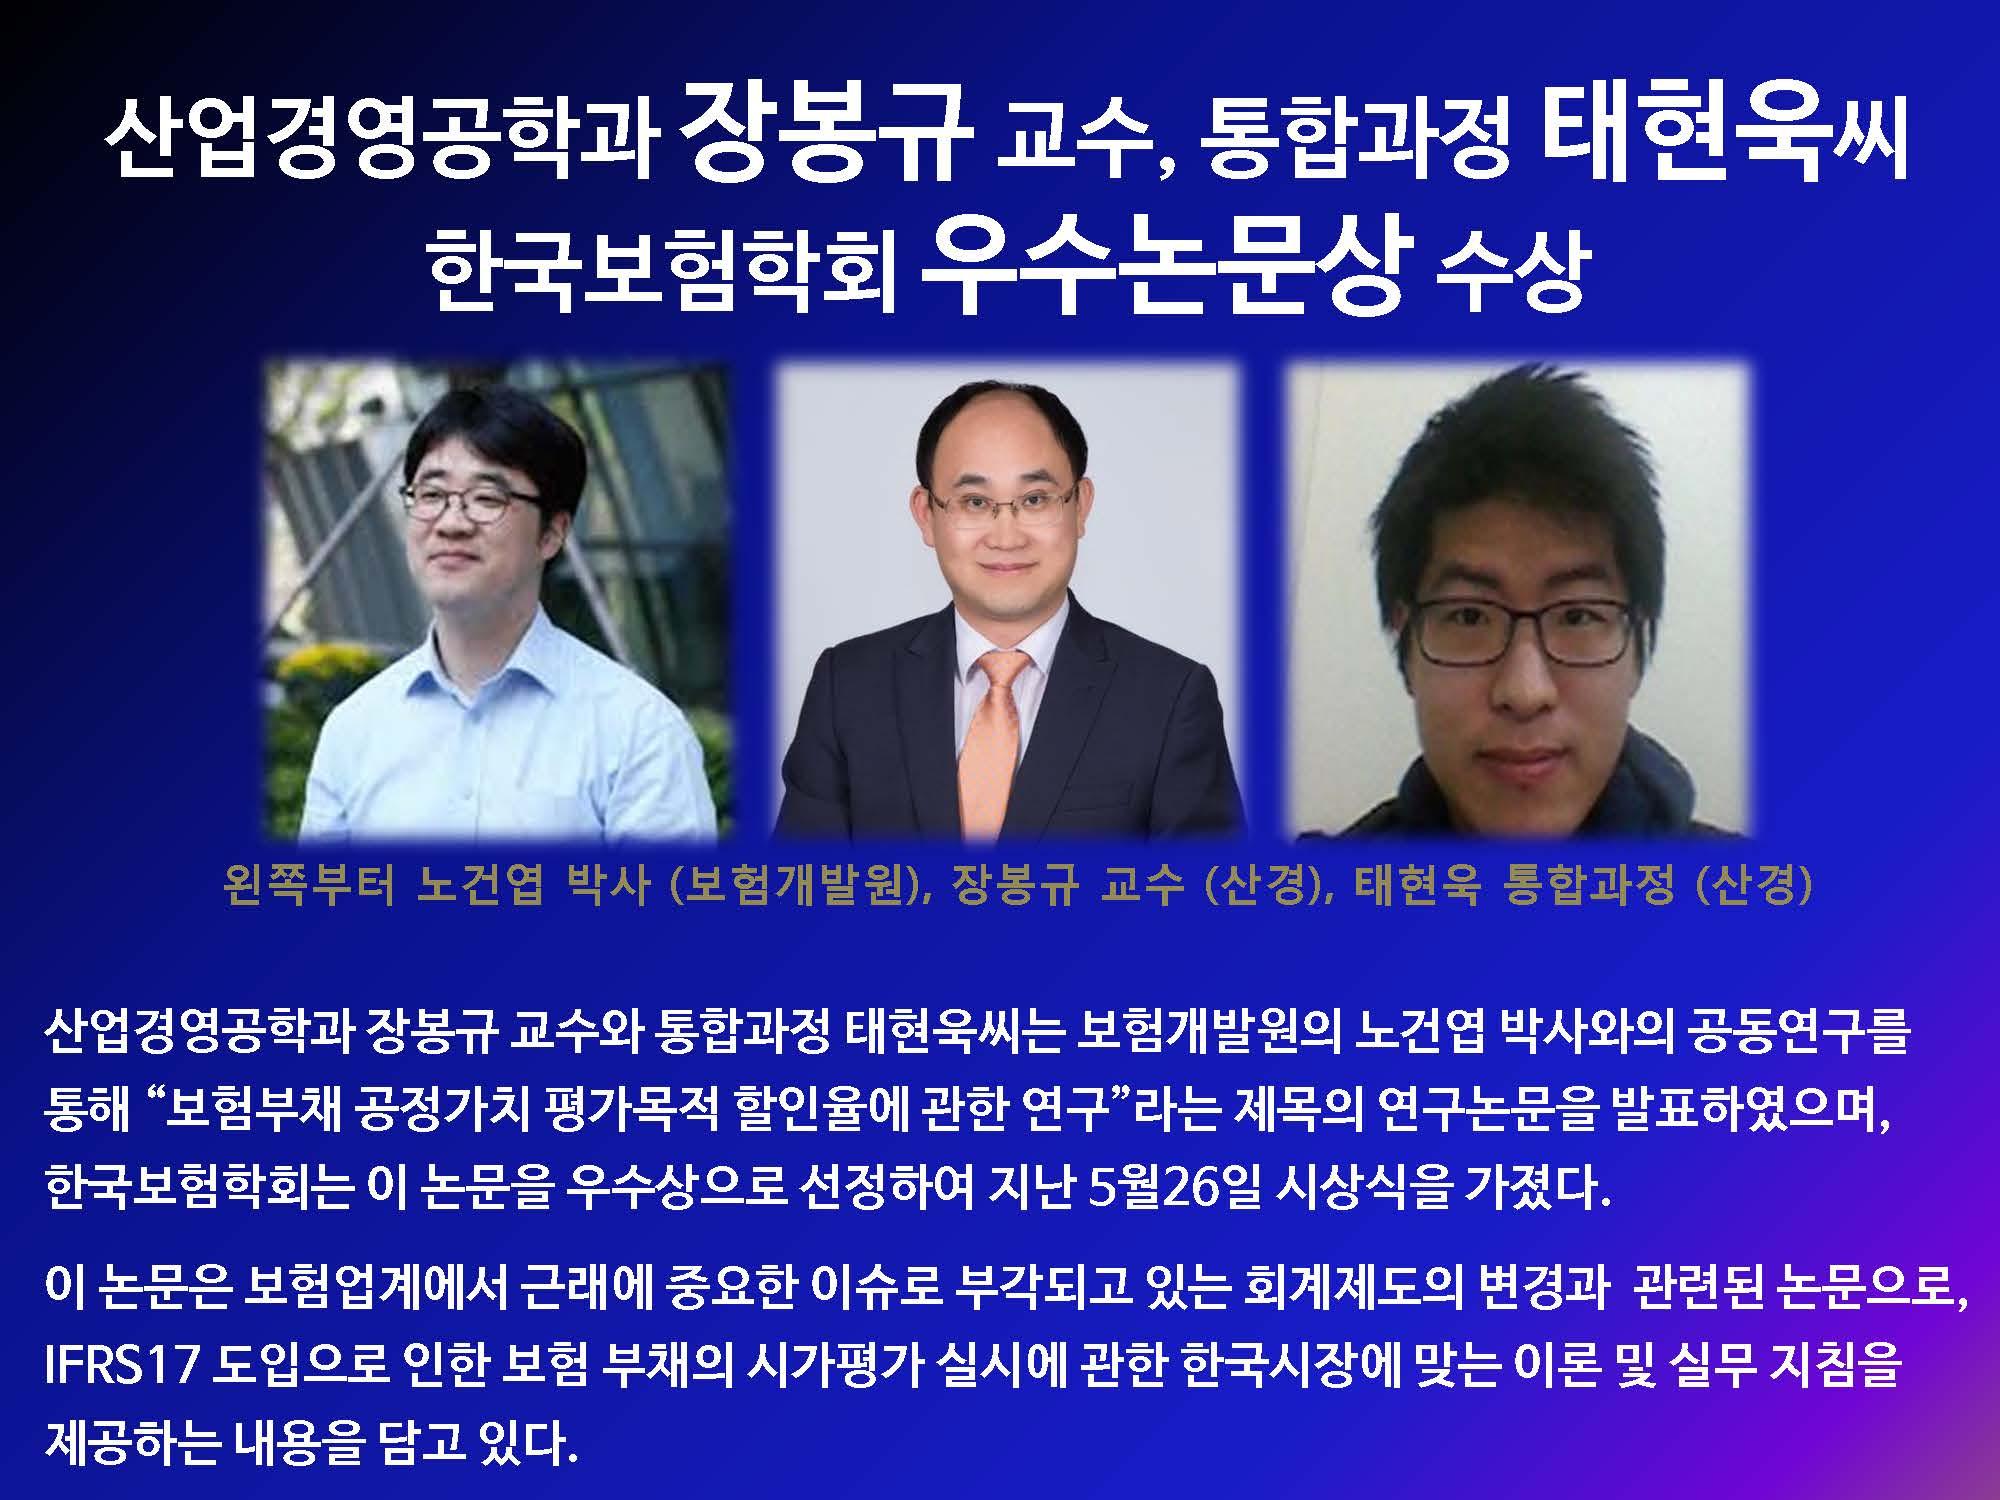 학과 게시판용_20170526_장봉규 교수님_우수논문상 수상